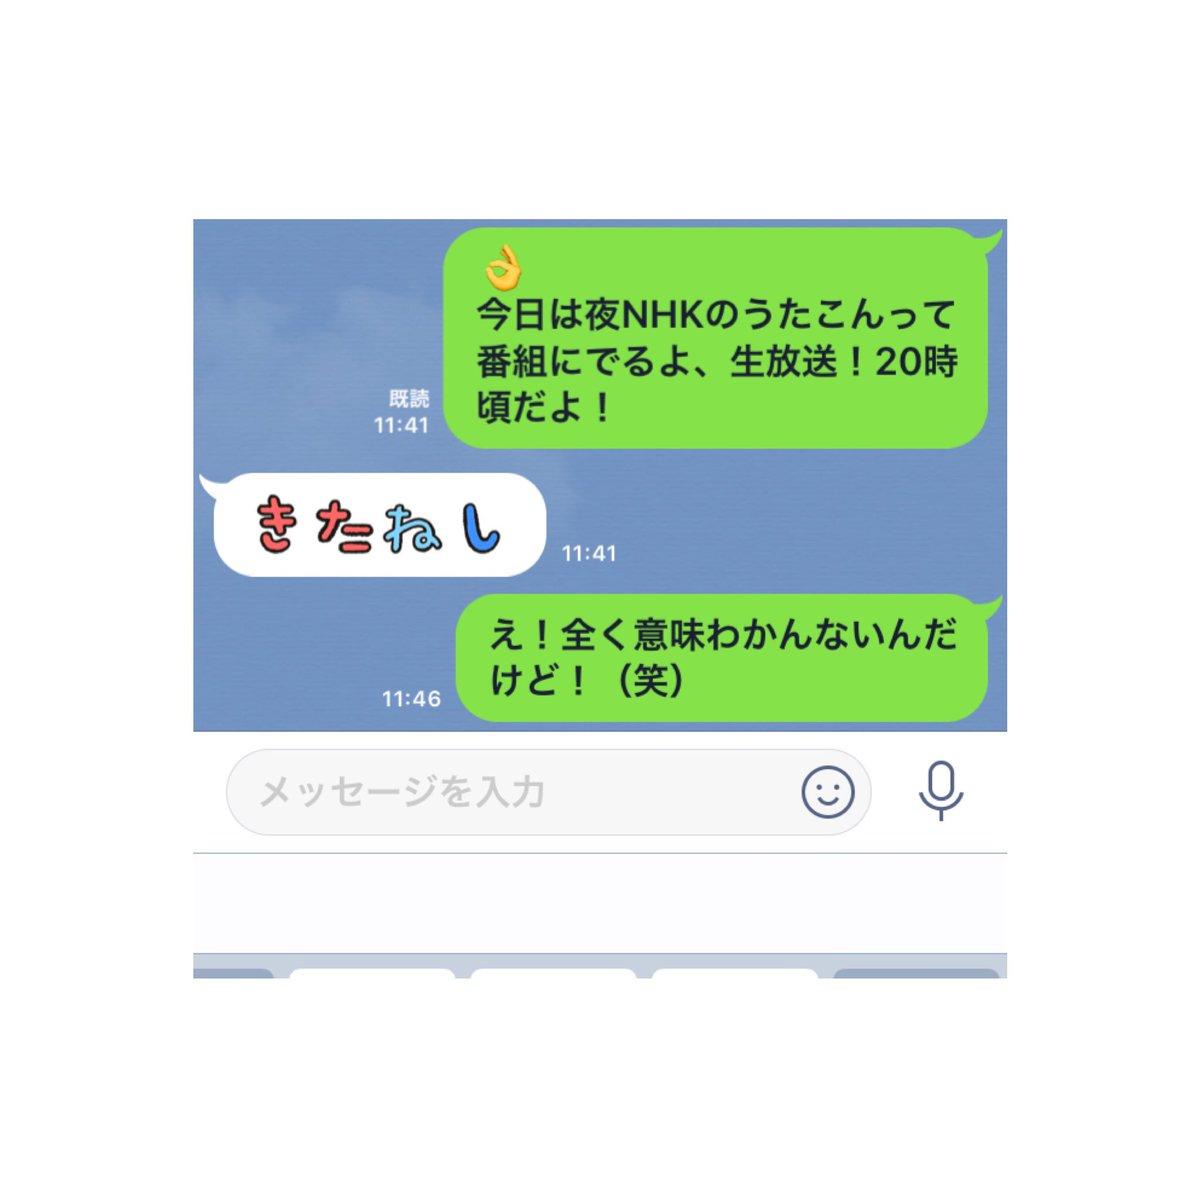 ハマ・オカモト - Twitter